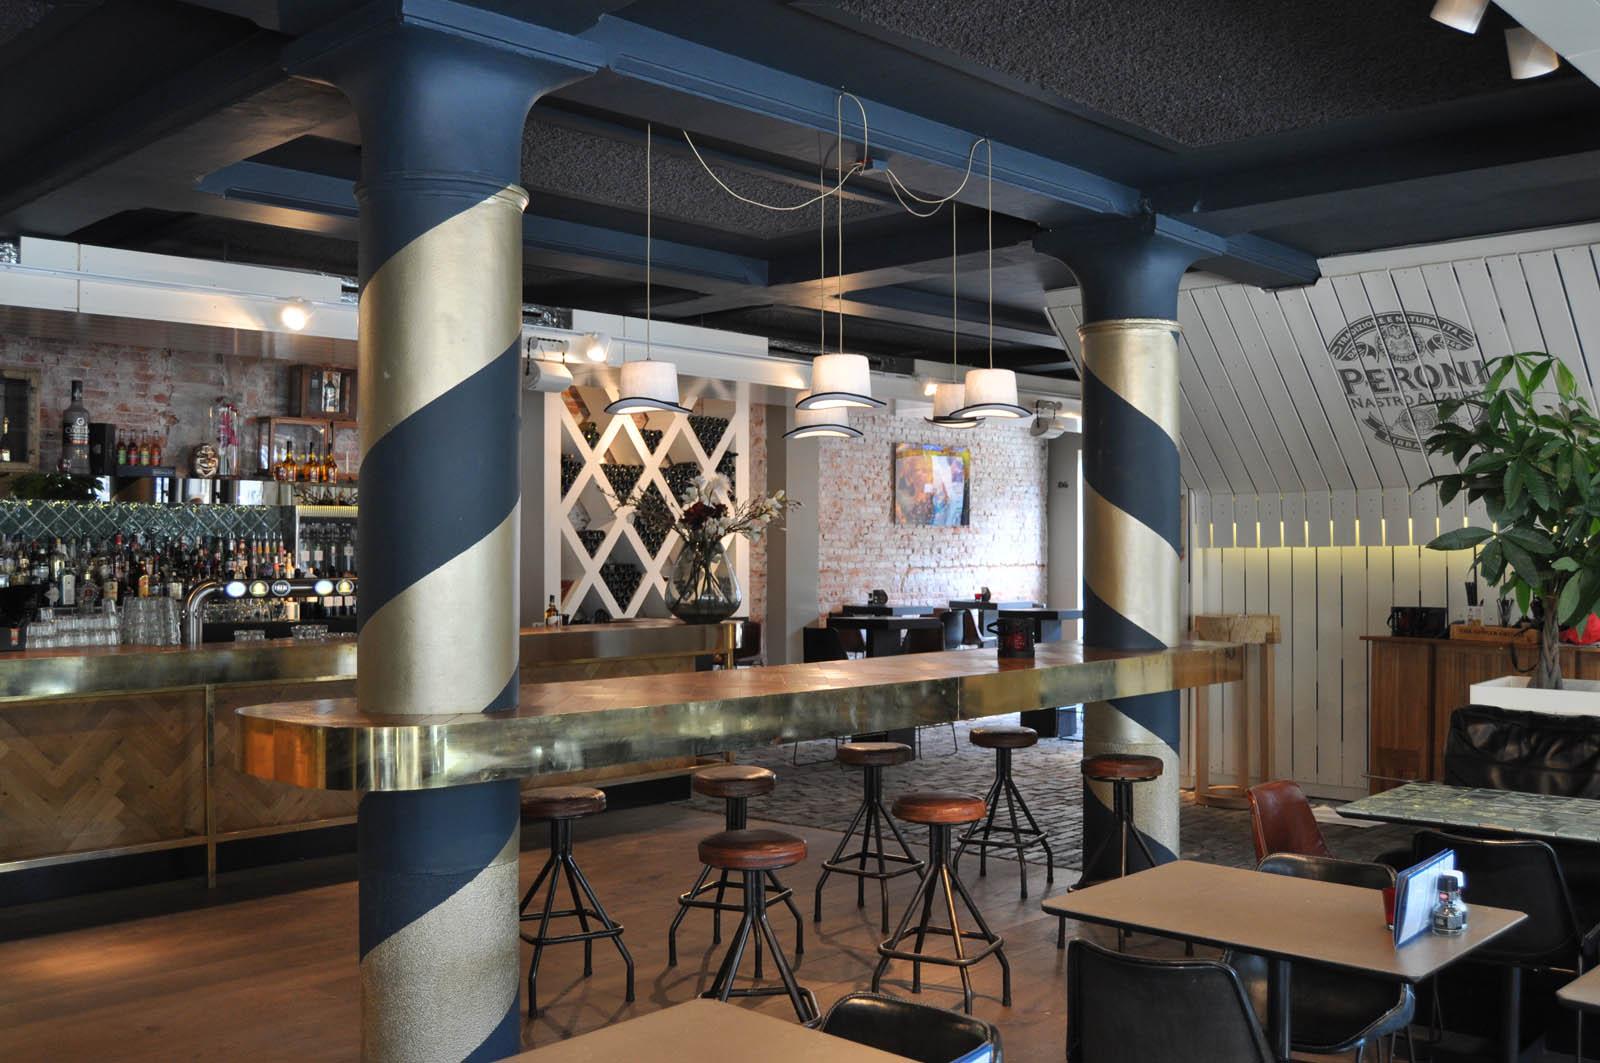 jeroendenijs-restaurant-du-cap-kolommen-jeroen-de-nijs-amsterdam